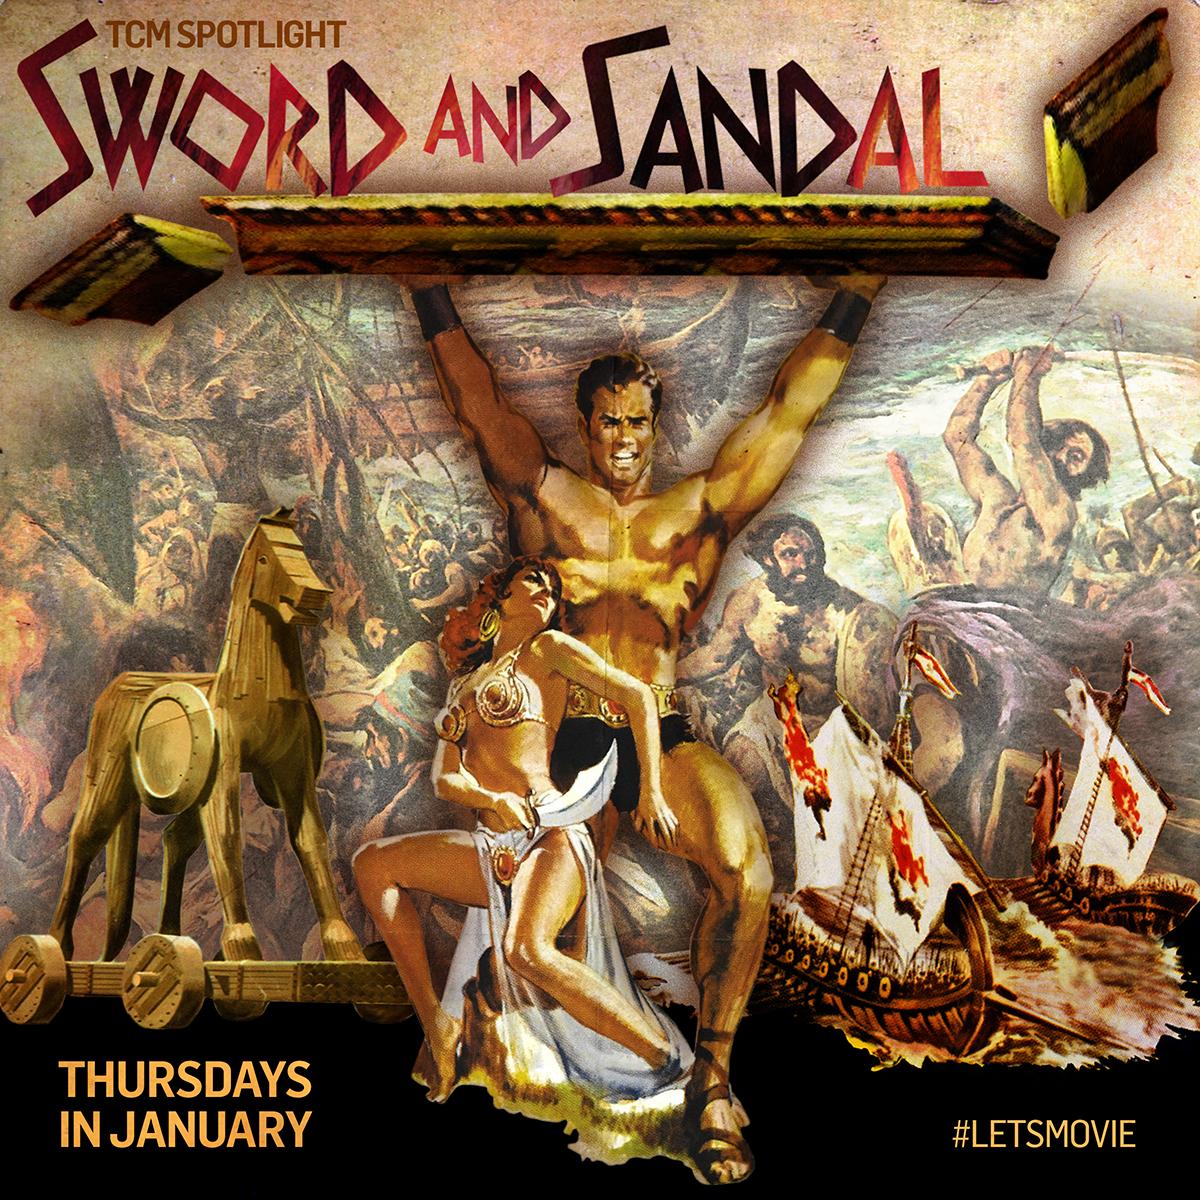 Sword&Sandal_1200x1200_FNL-Series_Instagram.jpg